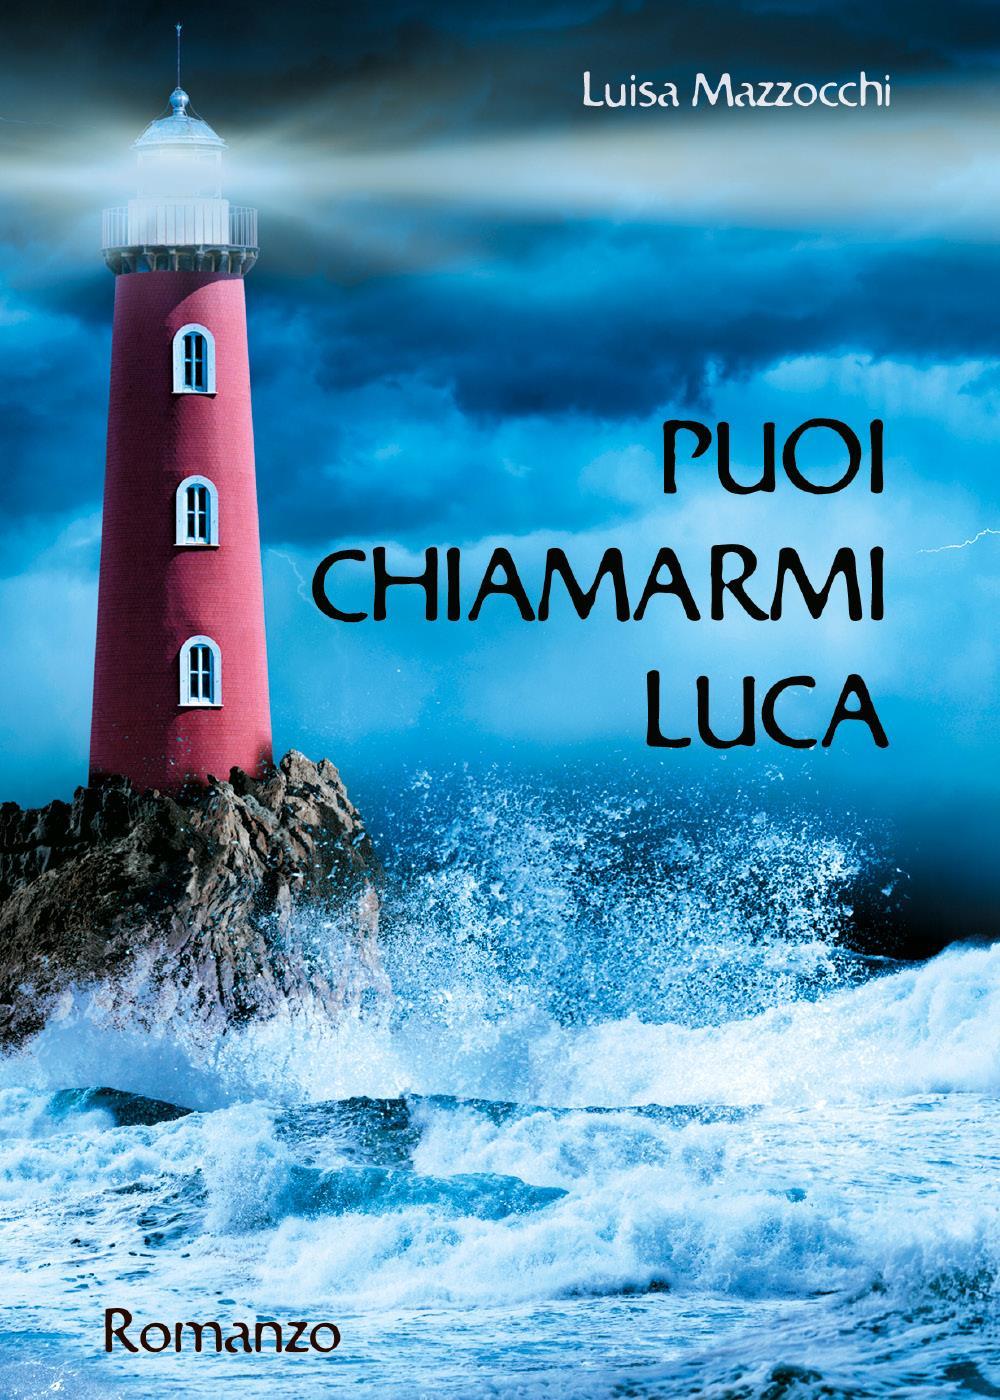 Puoi chiamarmi Luca